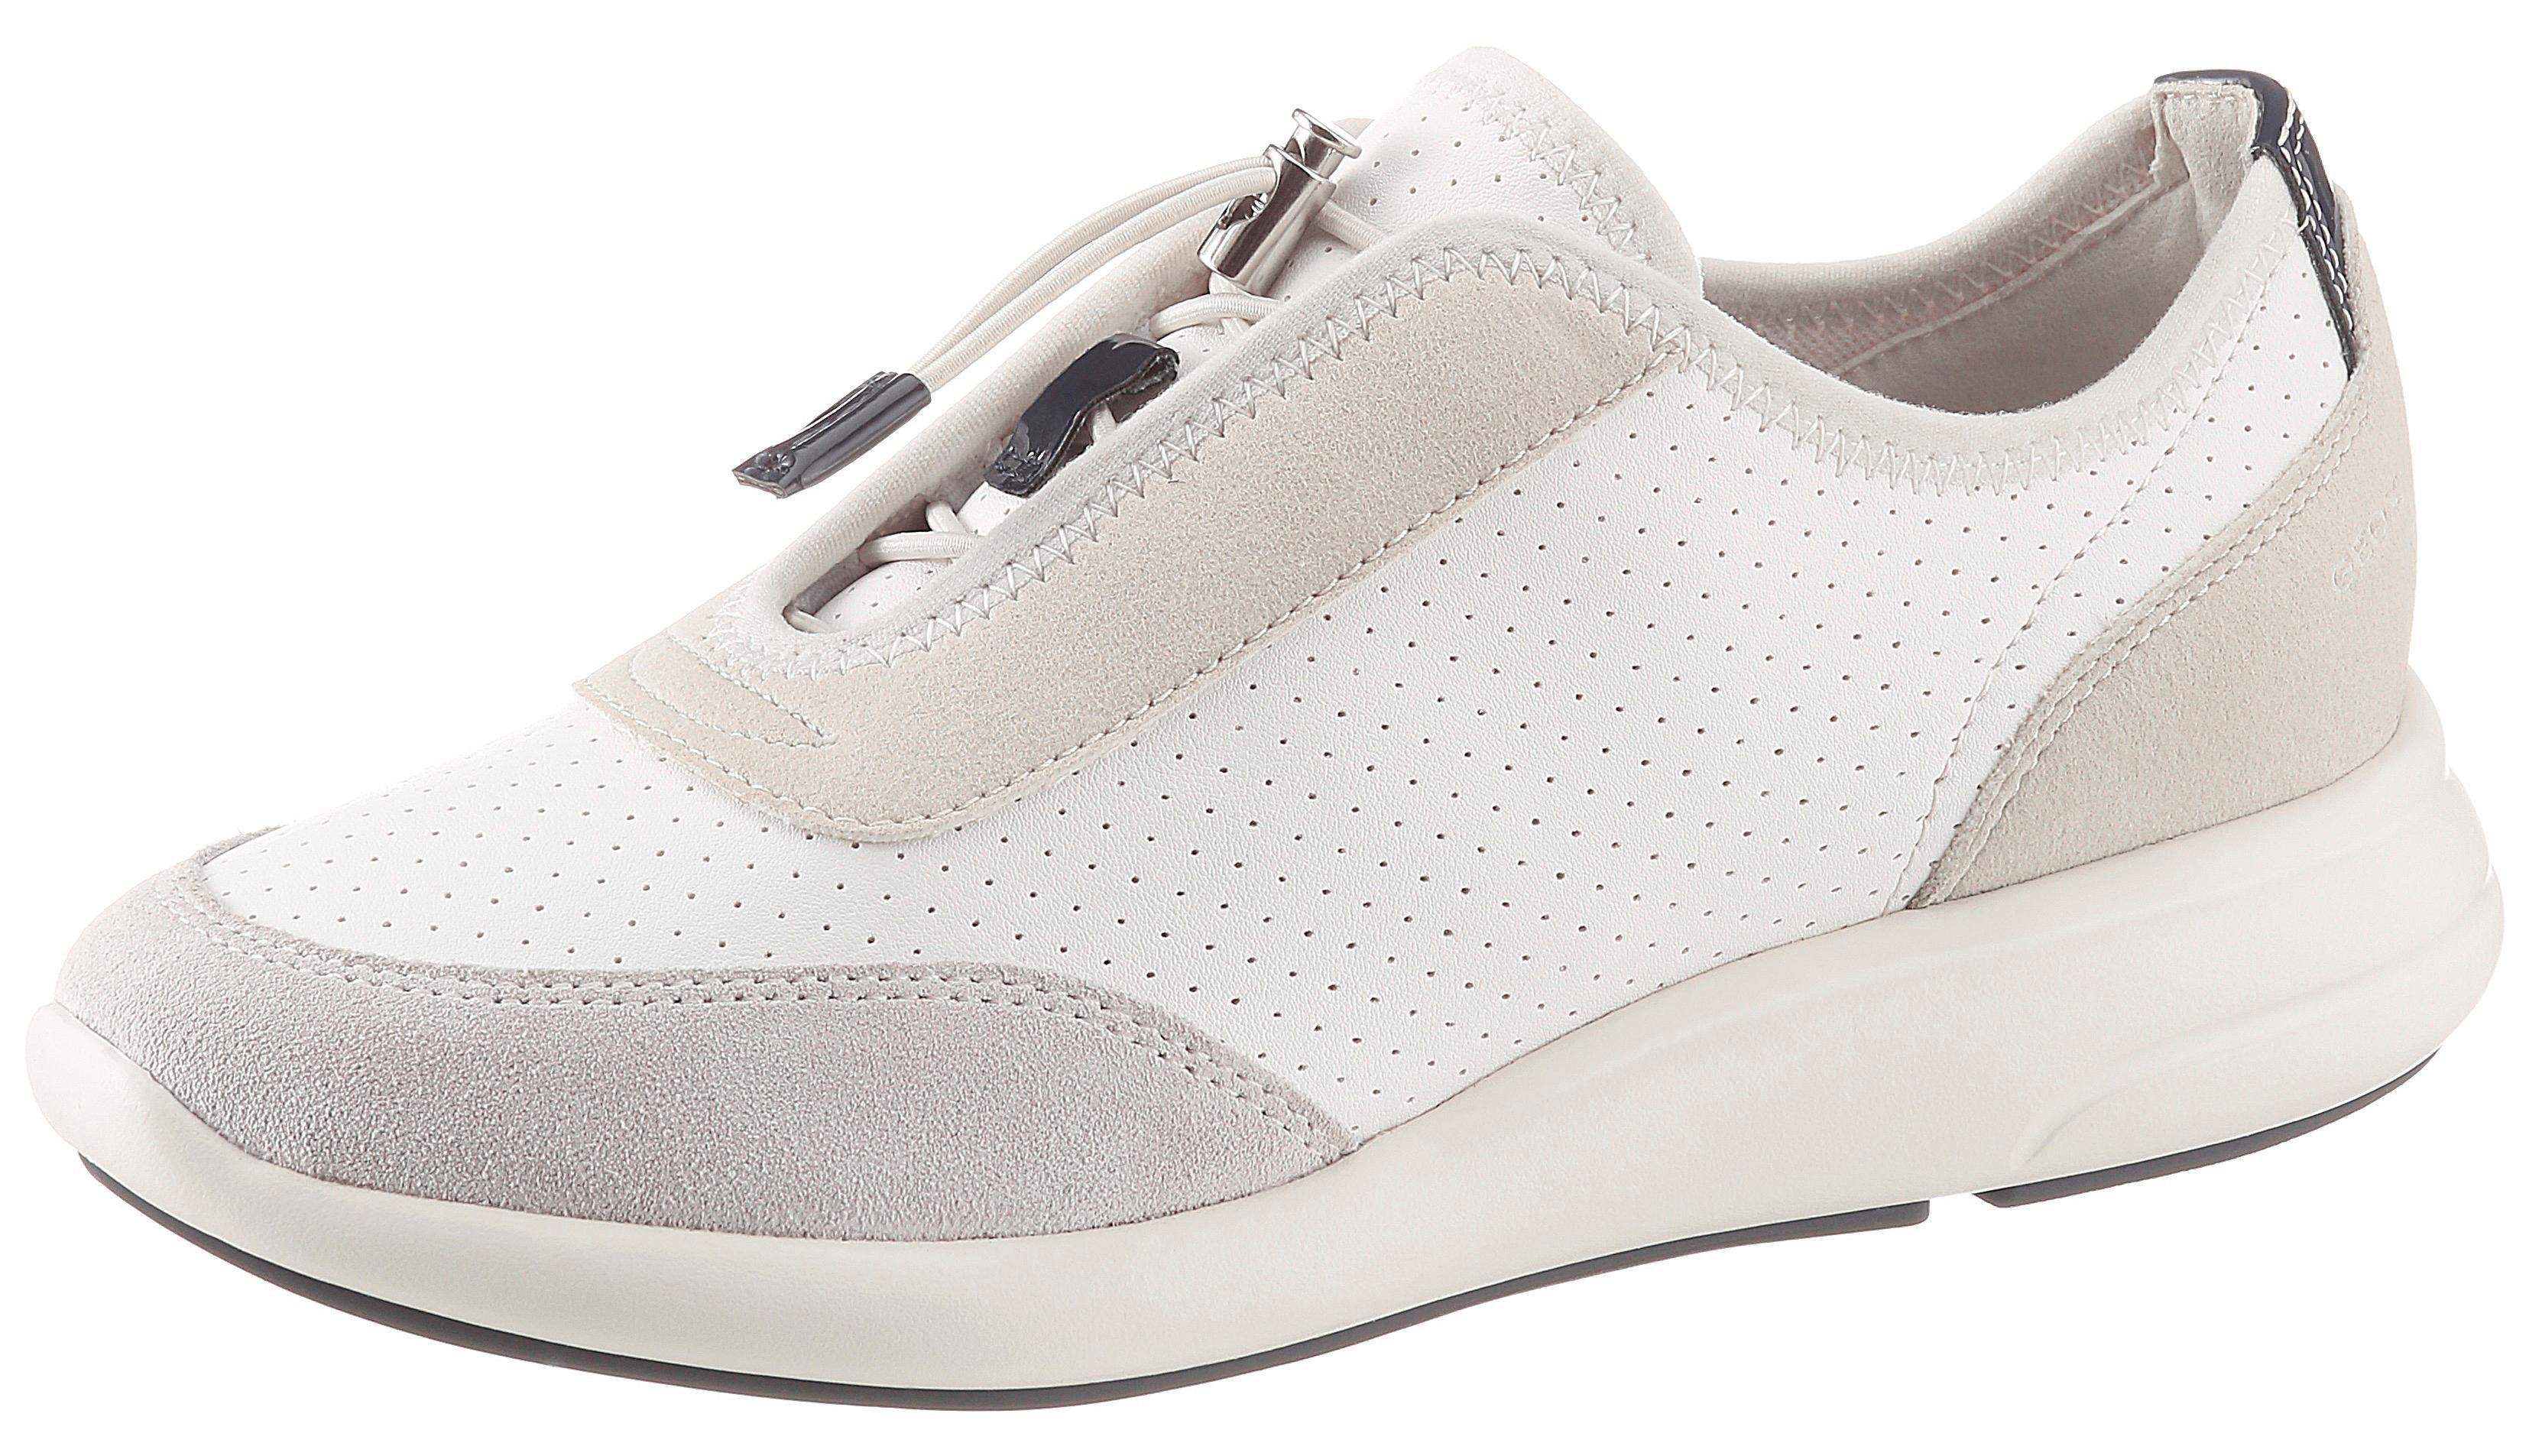 Geox »Donna Ophira A« Slip On Sneaker mit feiner Perforation online kaufen | OTTO